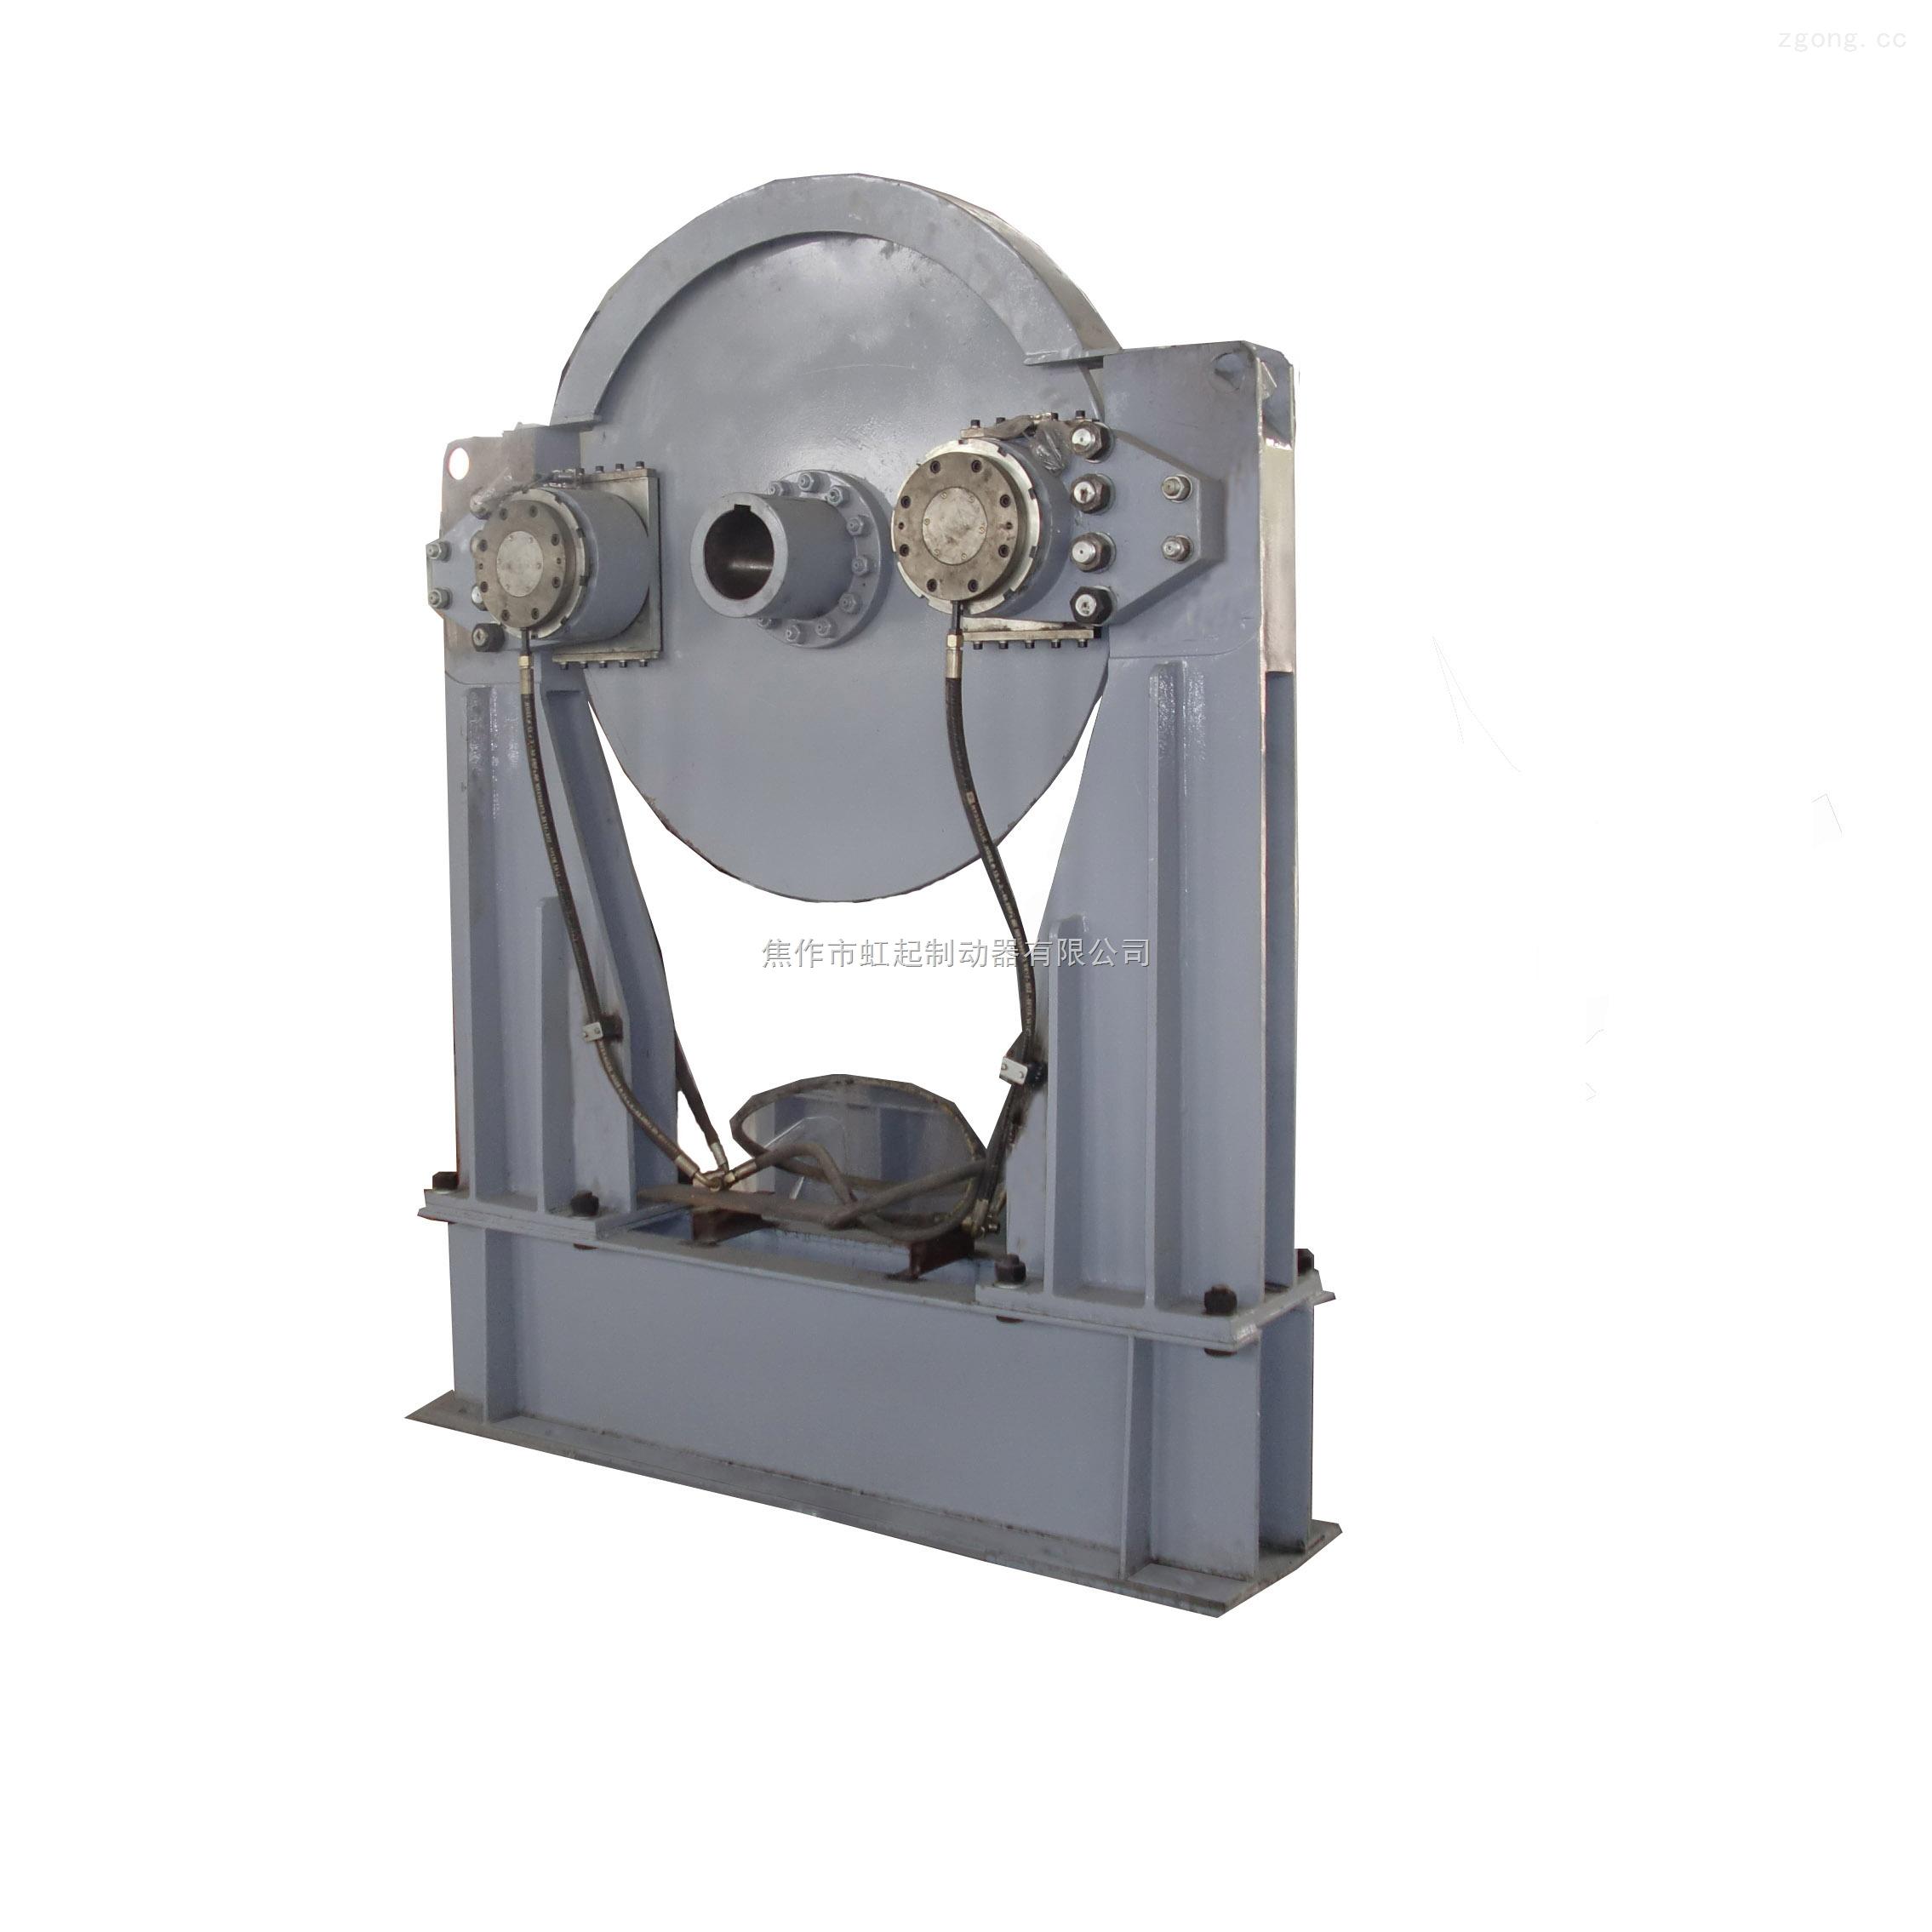 KPZ一1200盘式制动器8月份定购最新价格标